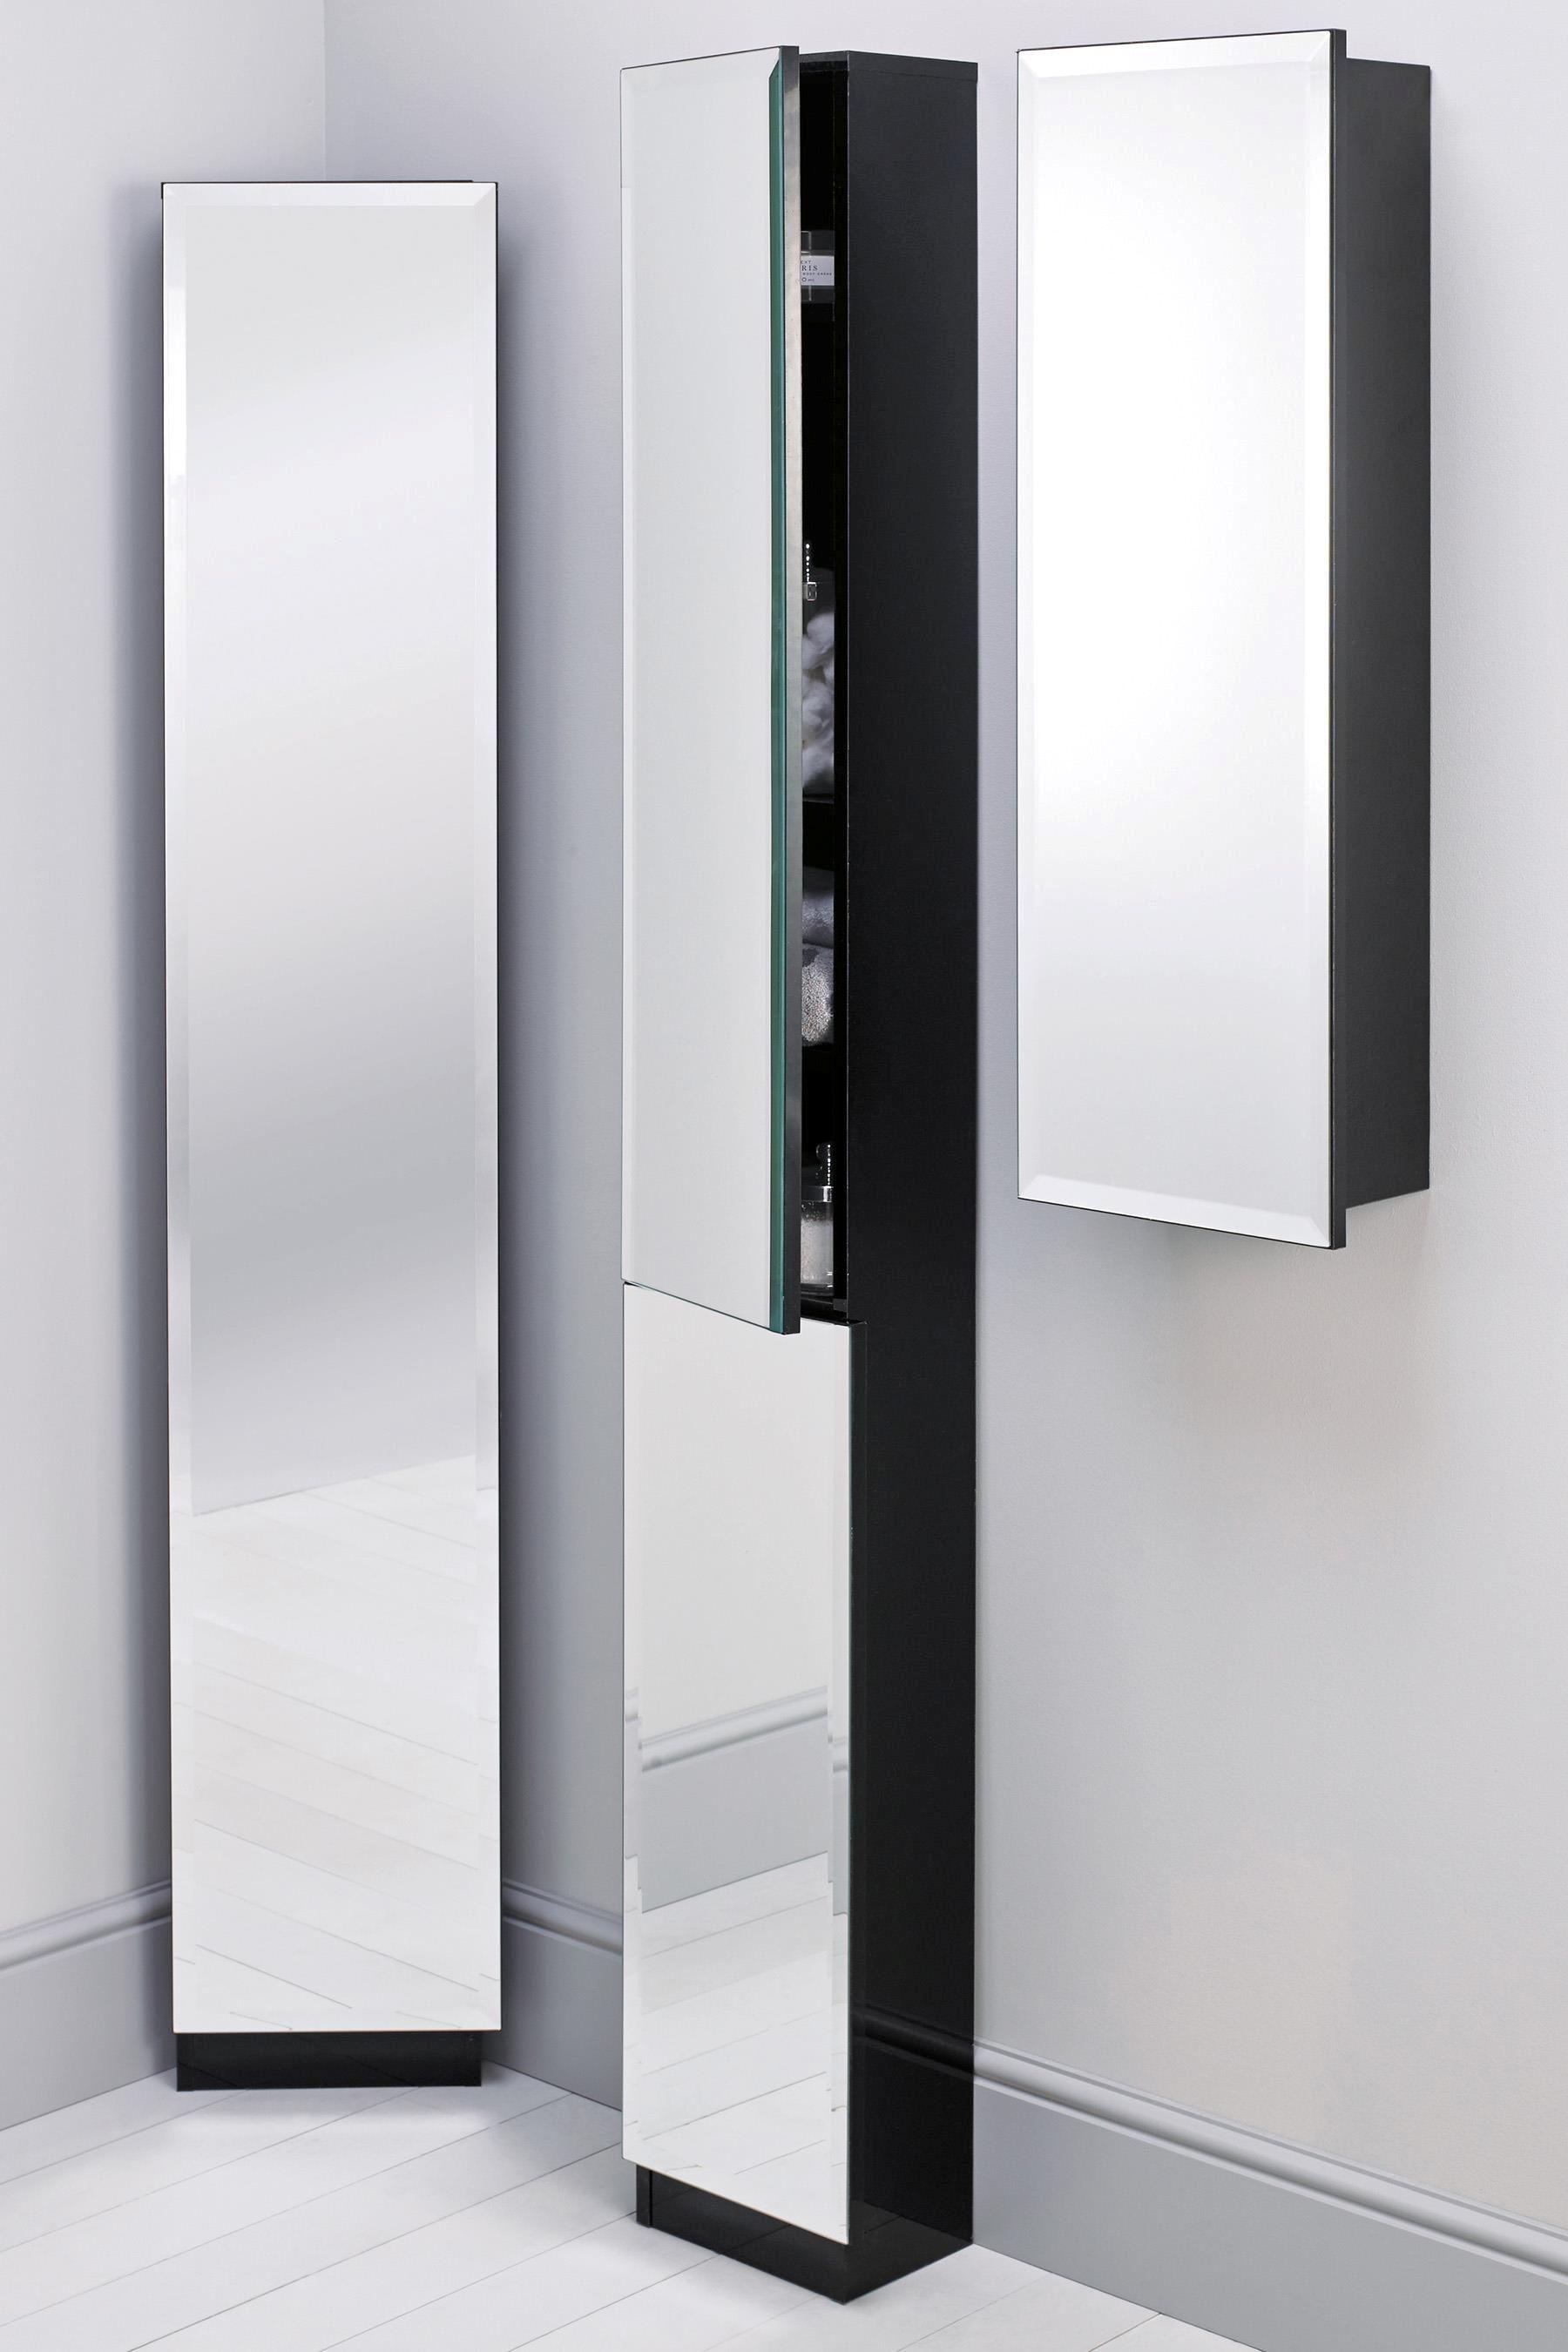 Ecke Gespiegelt Badezimmer Schrank Ecke Gespiegelt Badezimmer Schrank Fur Die Mobel In Ihrem Haus Die Badezimmer Eckschrank Badezimmer Badezimmer Schrank